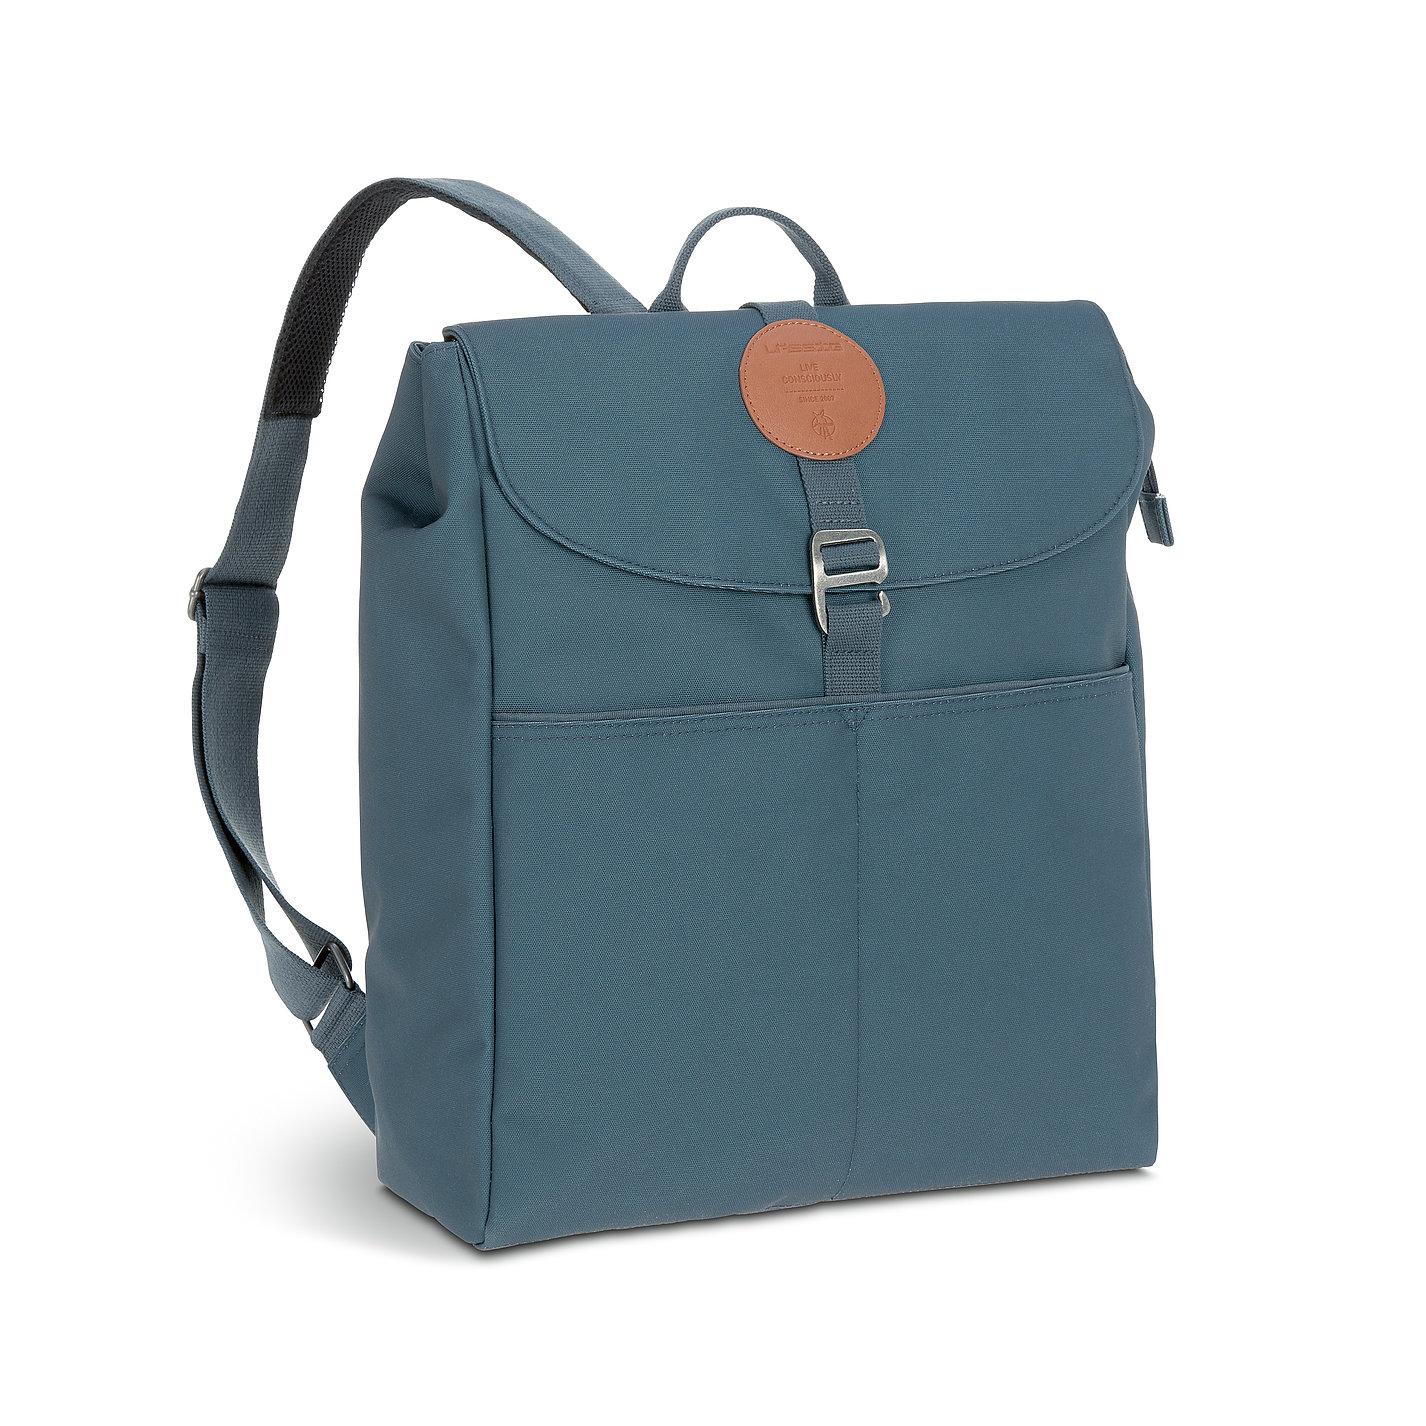 LÄSSIG Green Label Adventure Backpack   Red Dot Design Award